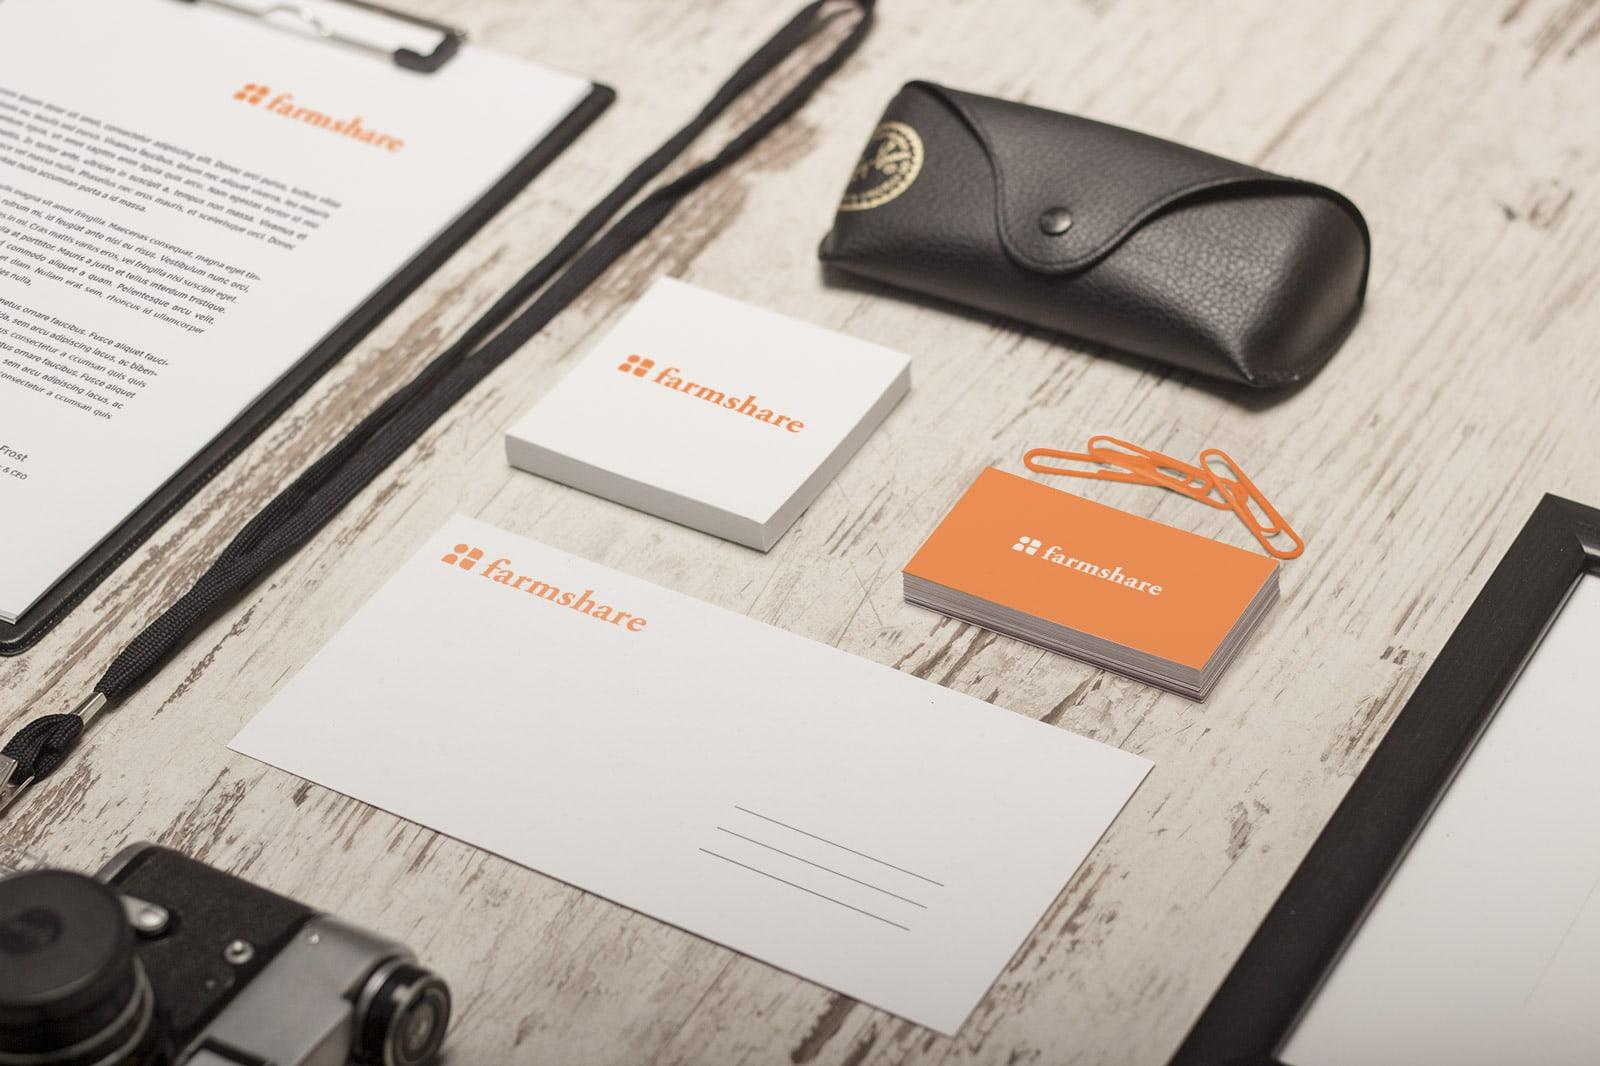 Farmshare branding/stationary package